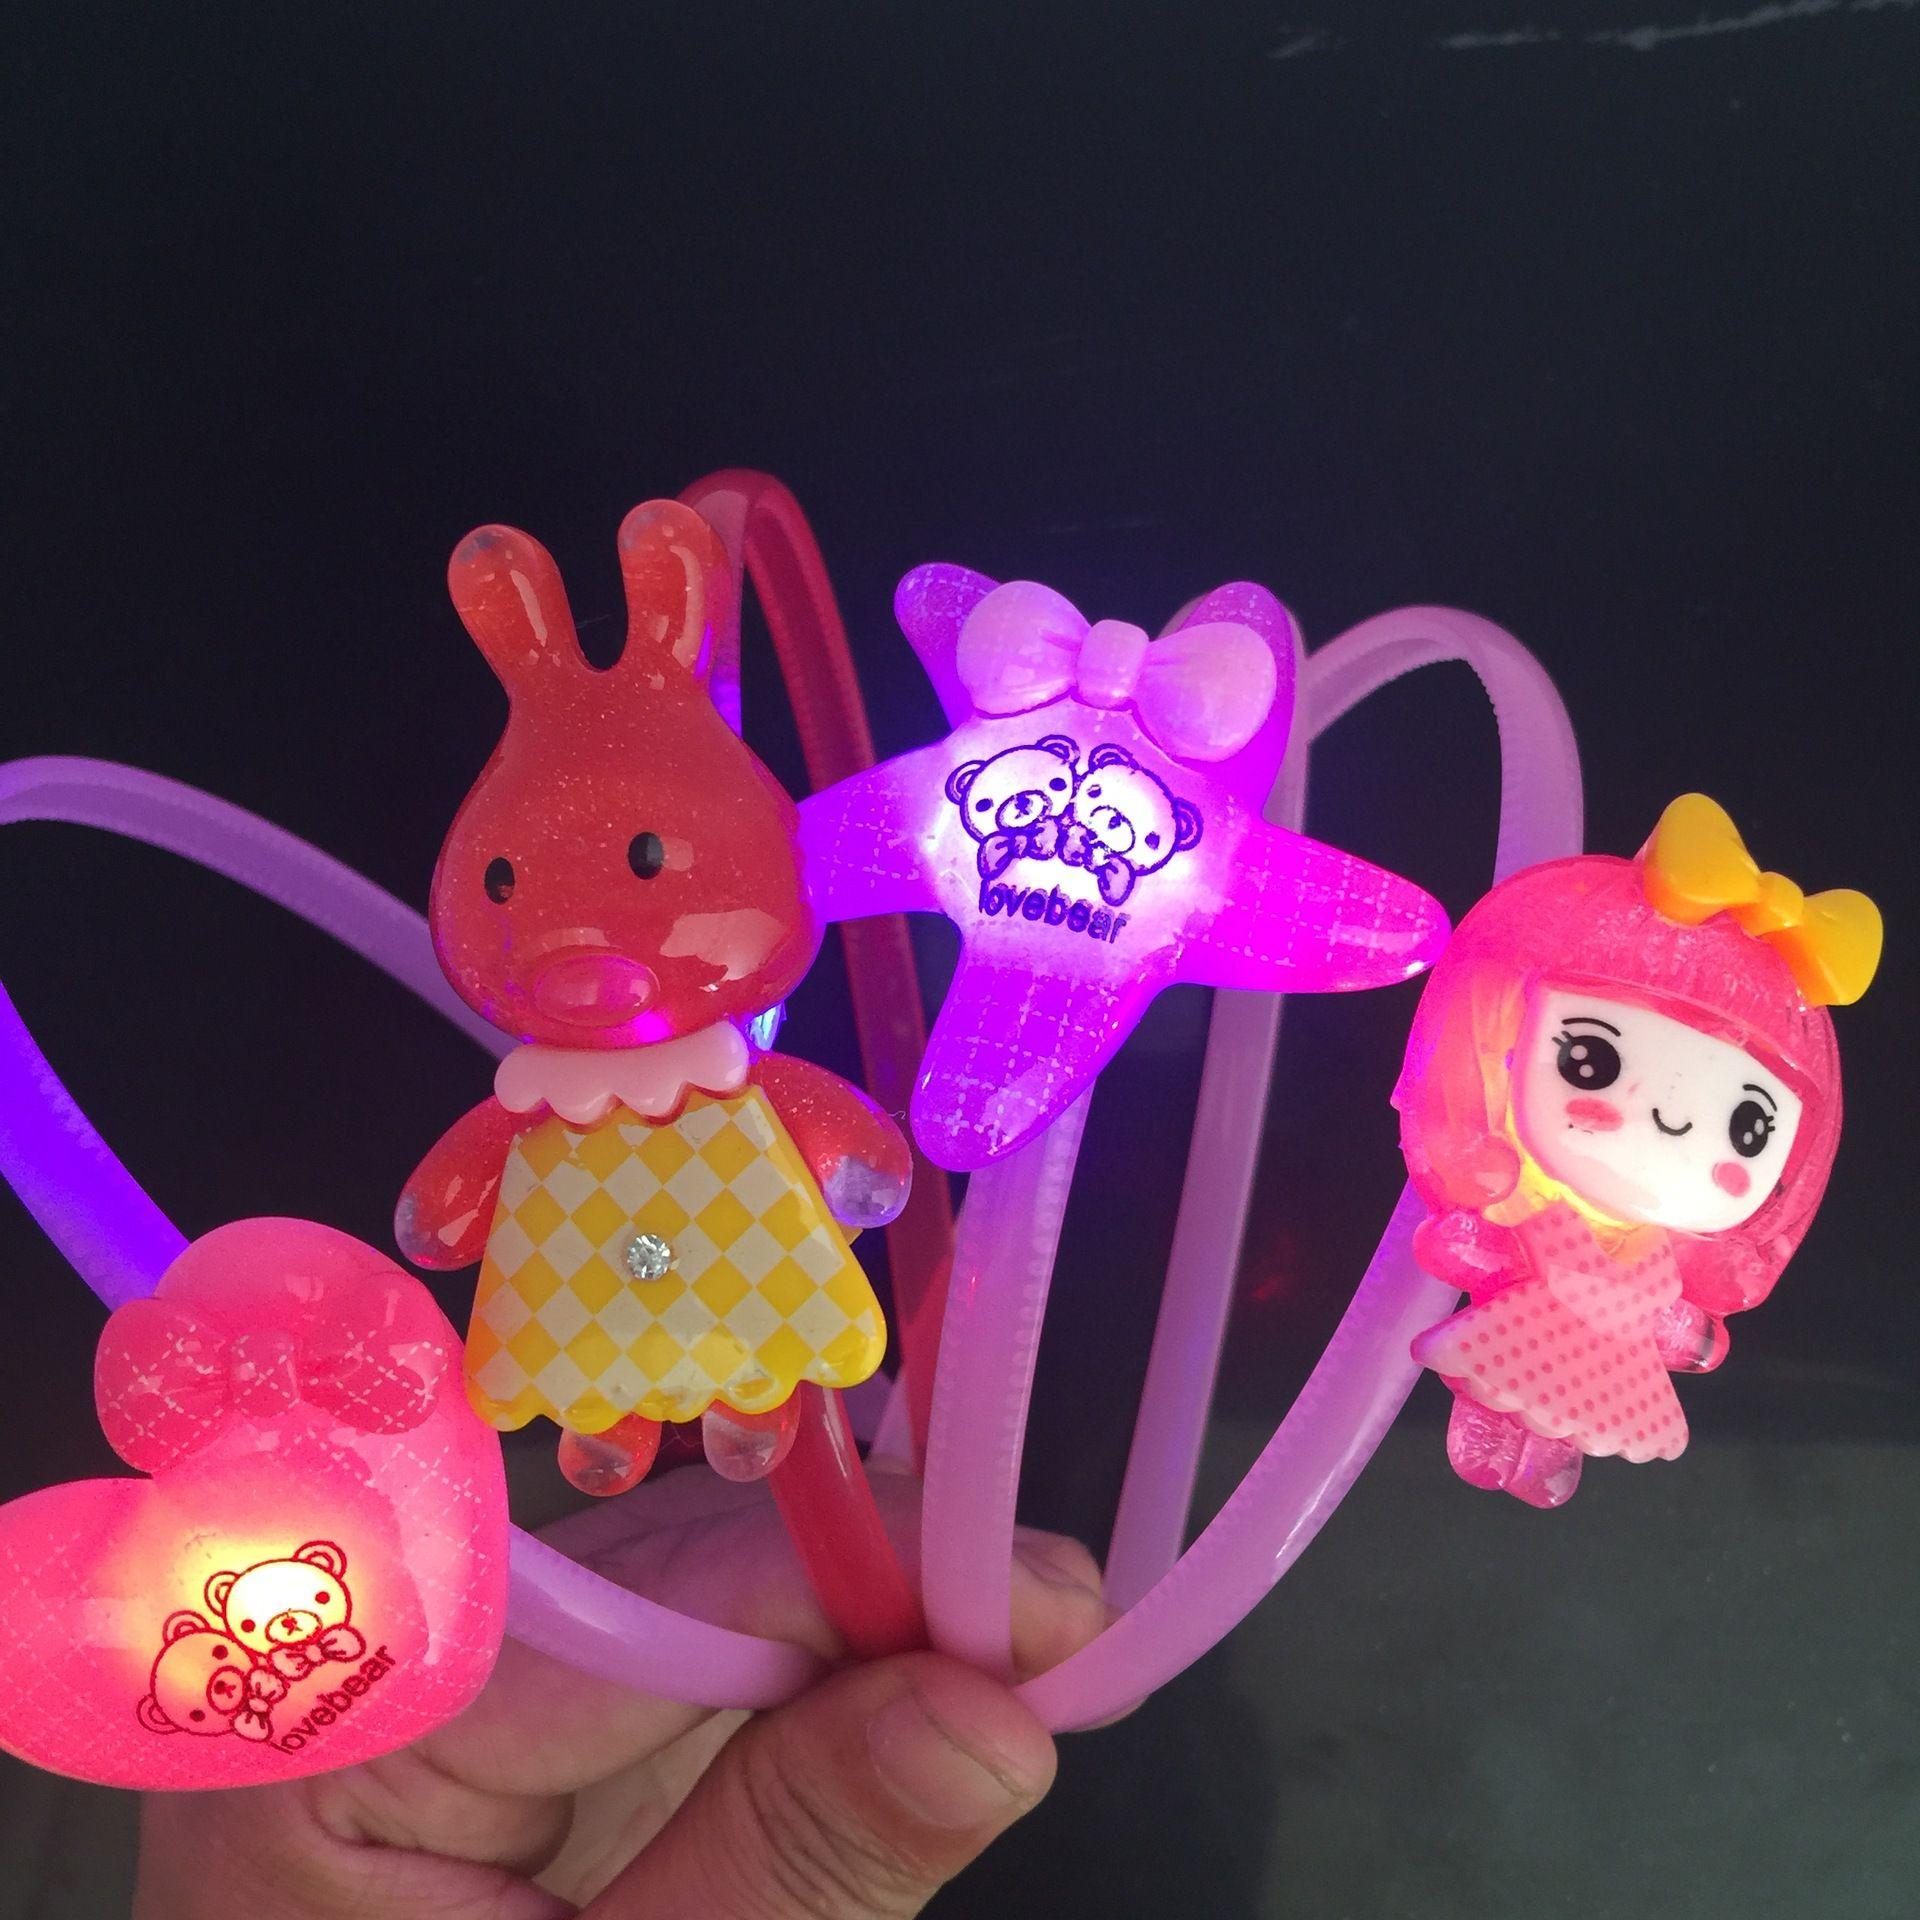 Enfants créatifs cadeaux carré lumineux barrette décrochage vendant des accessoires de bandeau jouet lumineux